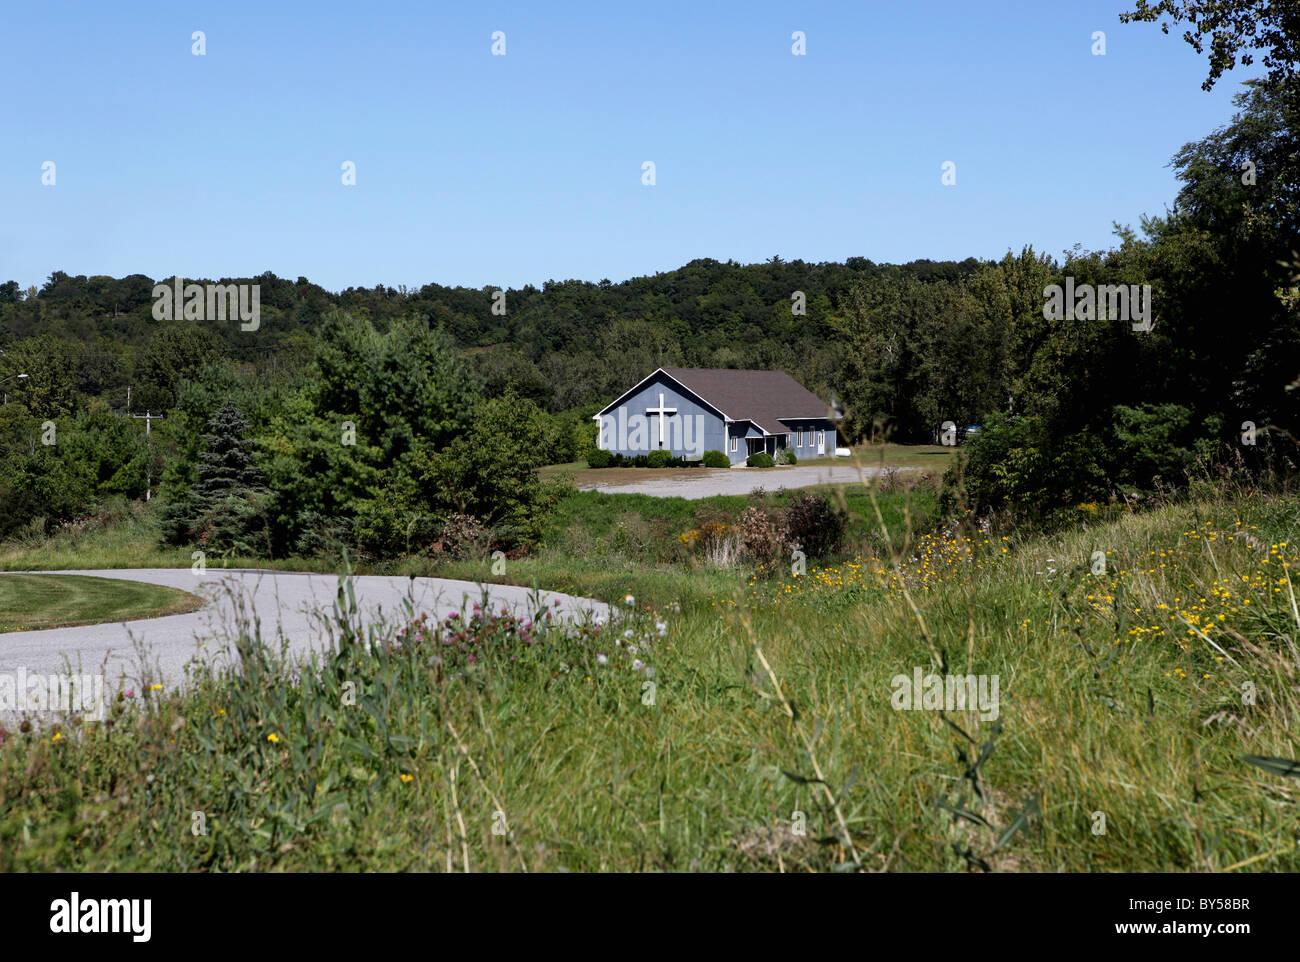 Une église dans une zone rurale Photo Stock